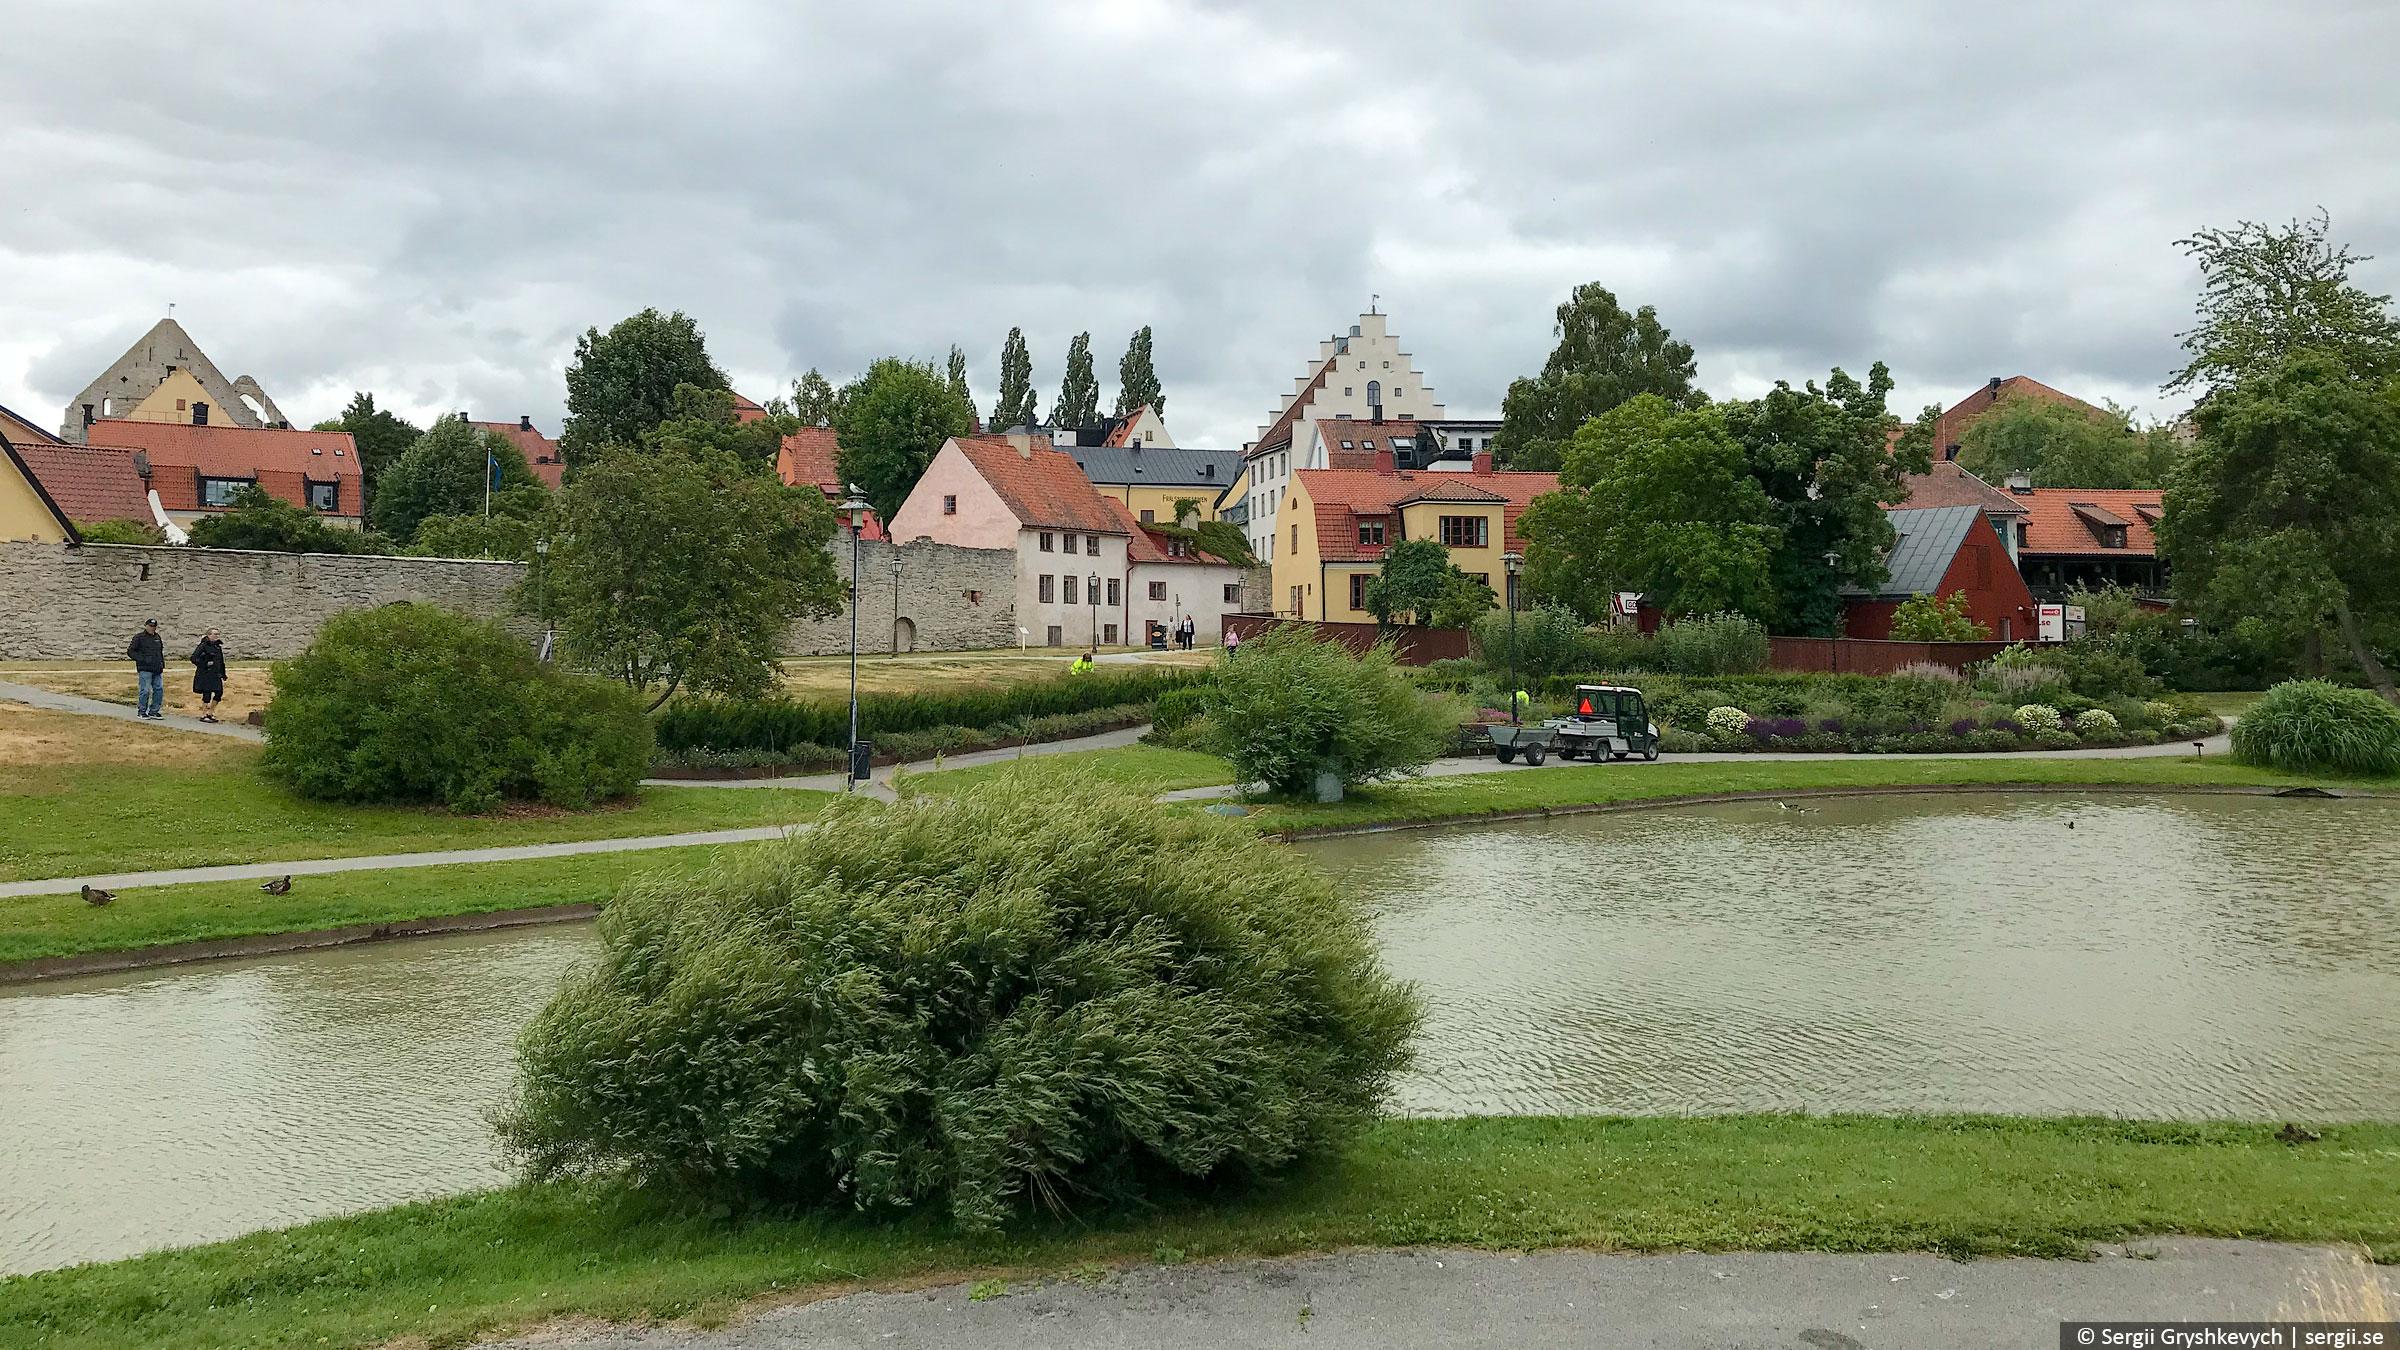 gotland-visby-sweden-2018-23